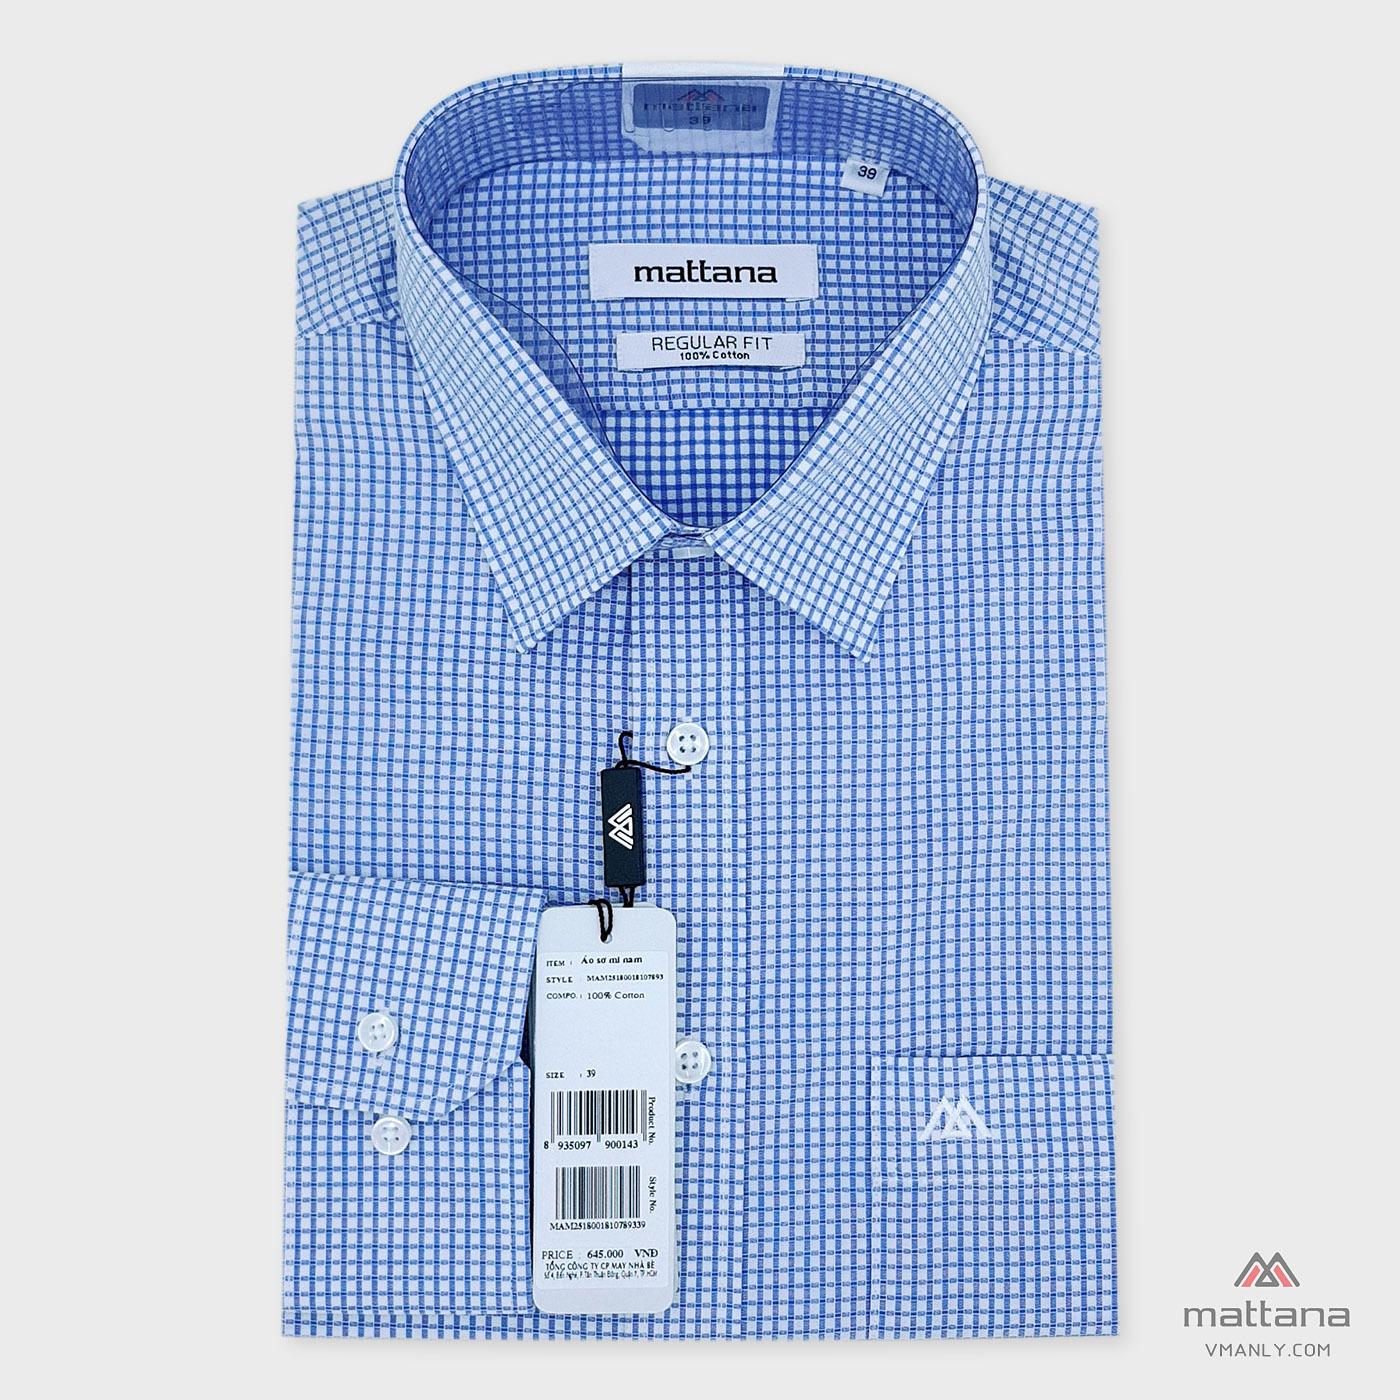 Áo sơ mi nam dài tay Mattana regular fit kẻ carô xanh trắng MAM25180018107893